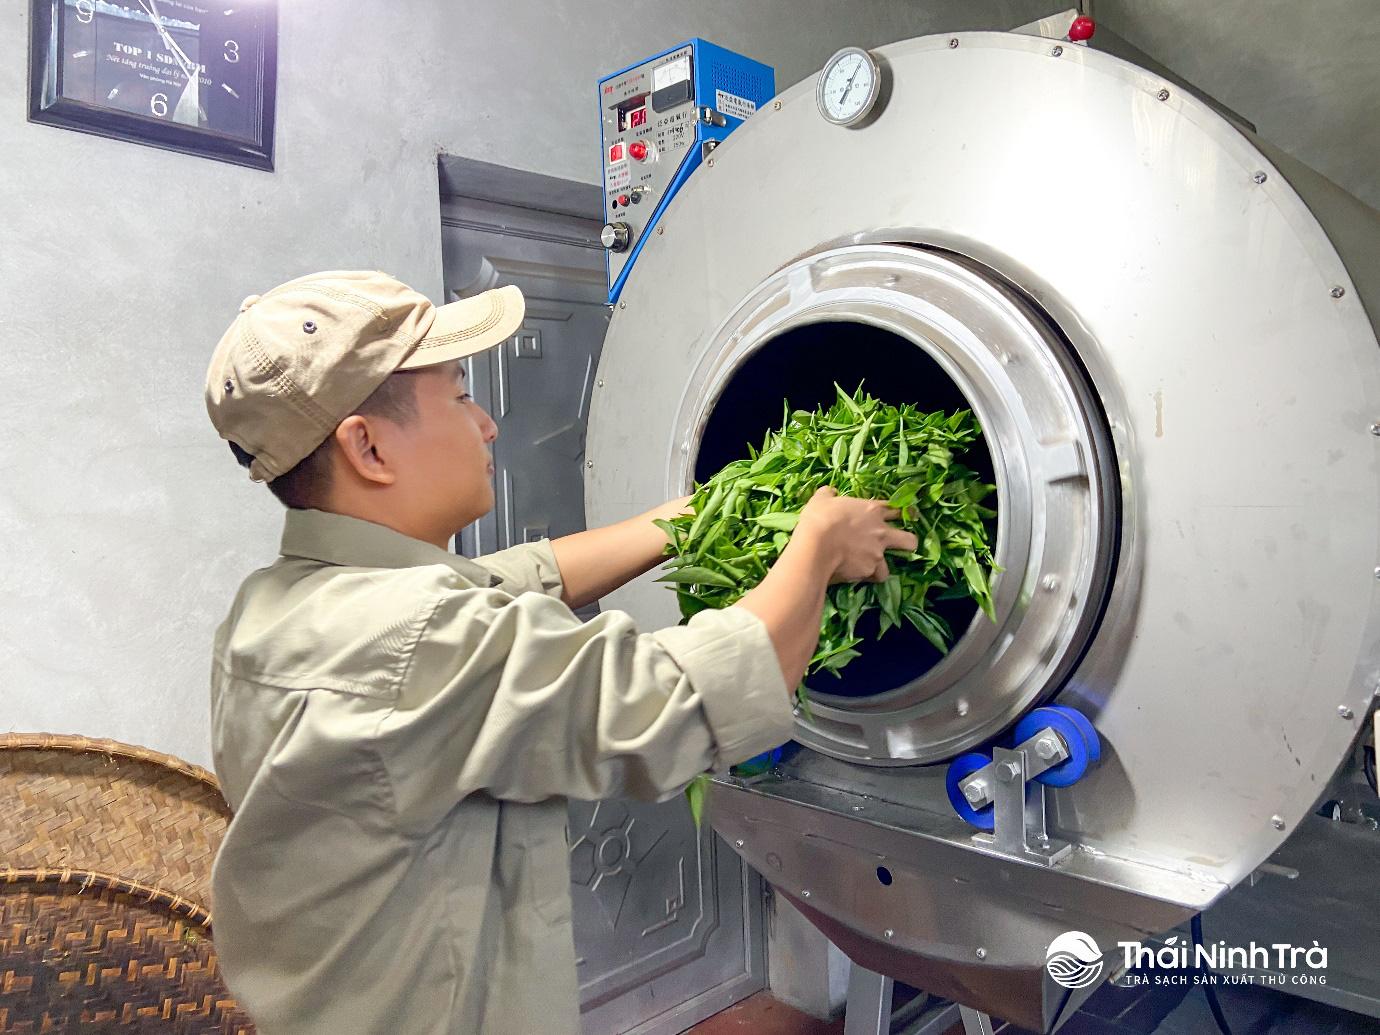 Thứ trà xanh làm từ cây chè sống nửa thế kỷ ở Thái Nguyên, giữ trọn hương vị truyền thống, ai uống cũng mê - Ảnh 3.